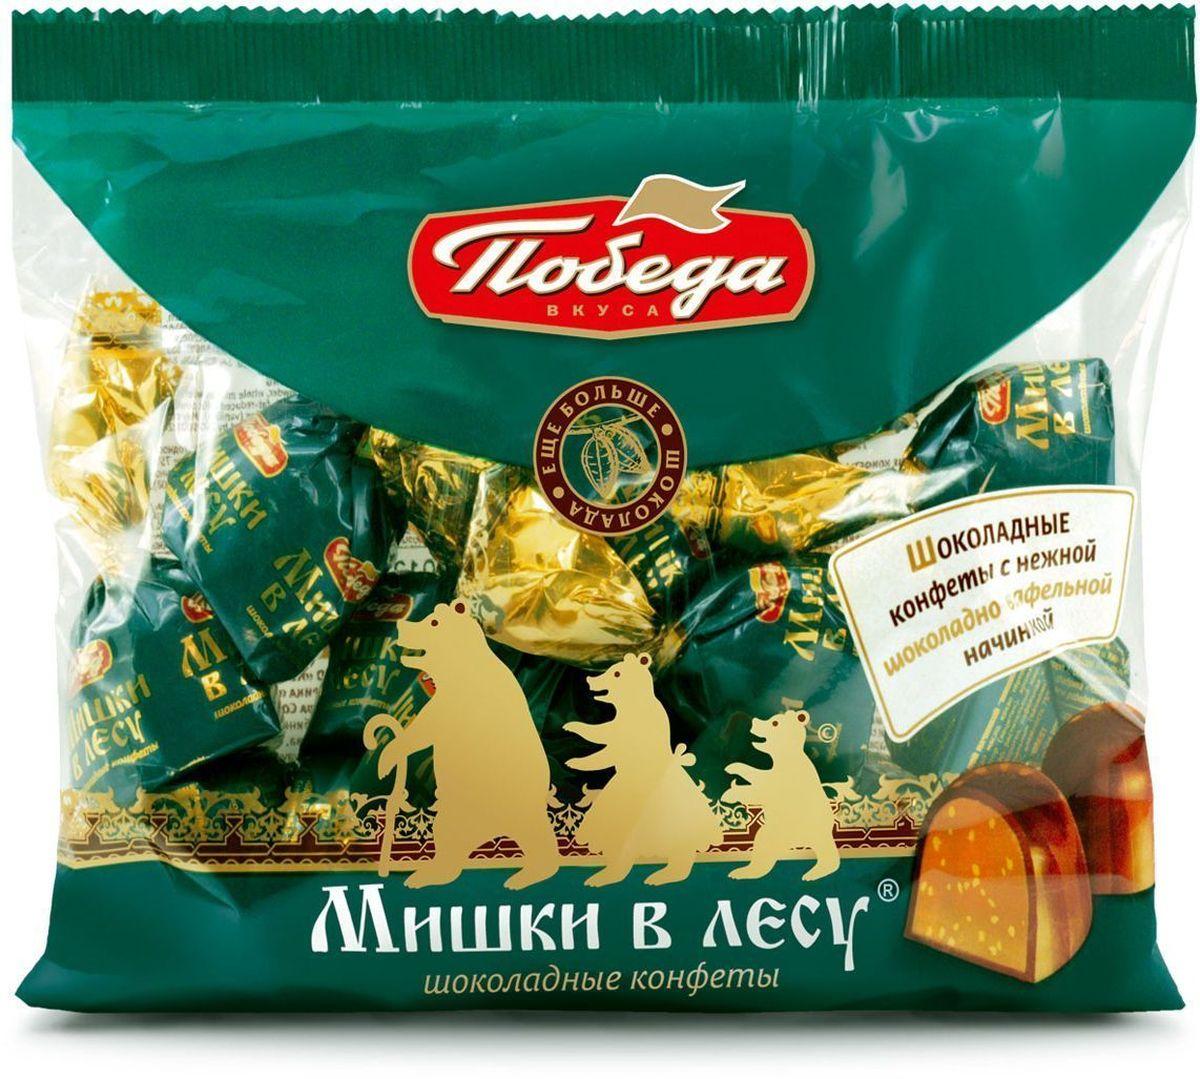 Победа вкуса Мишки в лесу шоколадные конфеты с шоколадно-вафельной начинкой, 250 г315-V1Гармоничная композиция с мягкой молочно-шоколадной начинкой, хрустящим криспом в окружении молочного шоколада. Для тех, кто ценит традиции и любит чаепитие в кругу семьи и друзей.